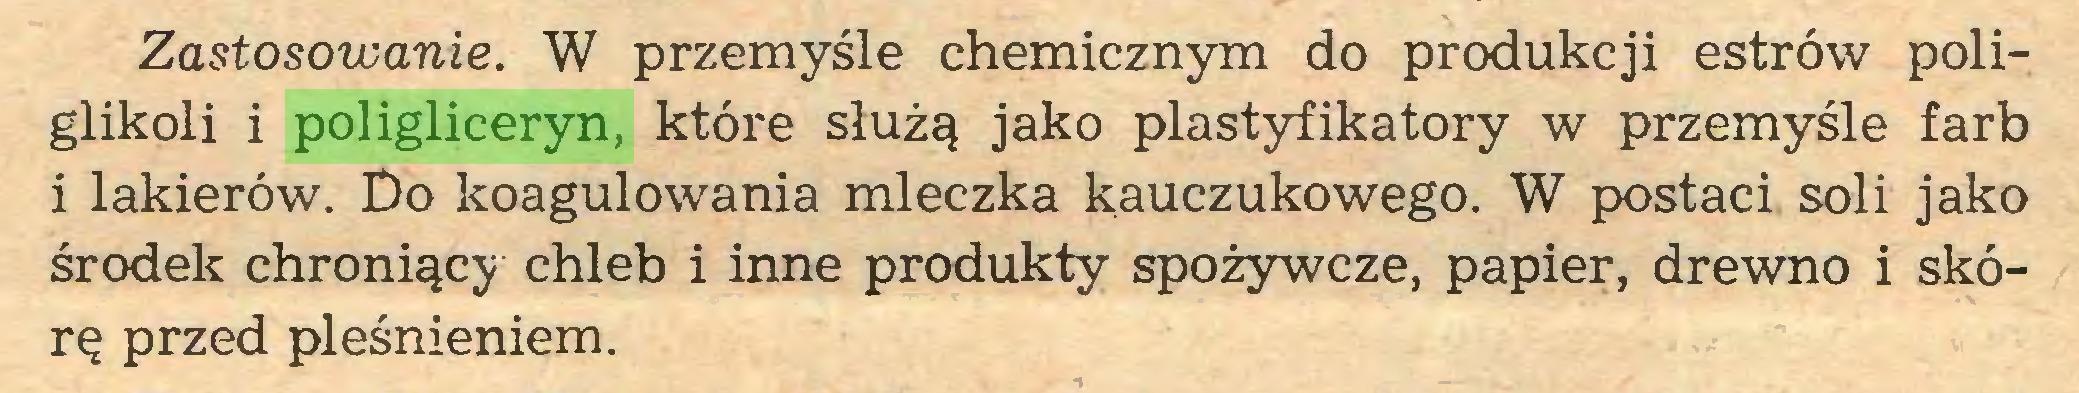 (...) Zastosowanie. W przemyśle chemicznym do produkcji estrów poliglikoli i poligliceryn, które służą jako plastyfikatory w przemyśle farb i lakierów. Do koagulowania mleczka kauczukowego. W postaci soli jako środek chroniący chleb i inne produkty spożywcze, papier, drewno i skórę przed pleśnieniem...